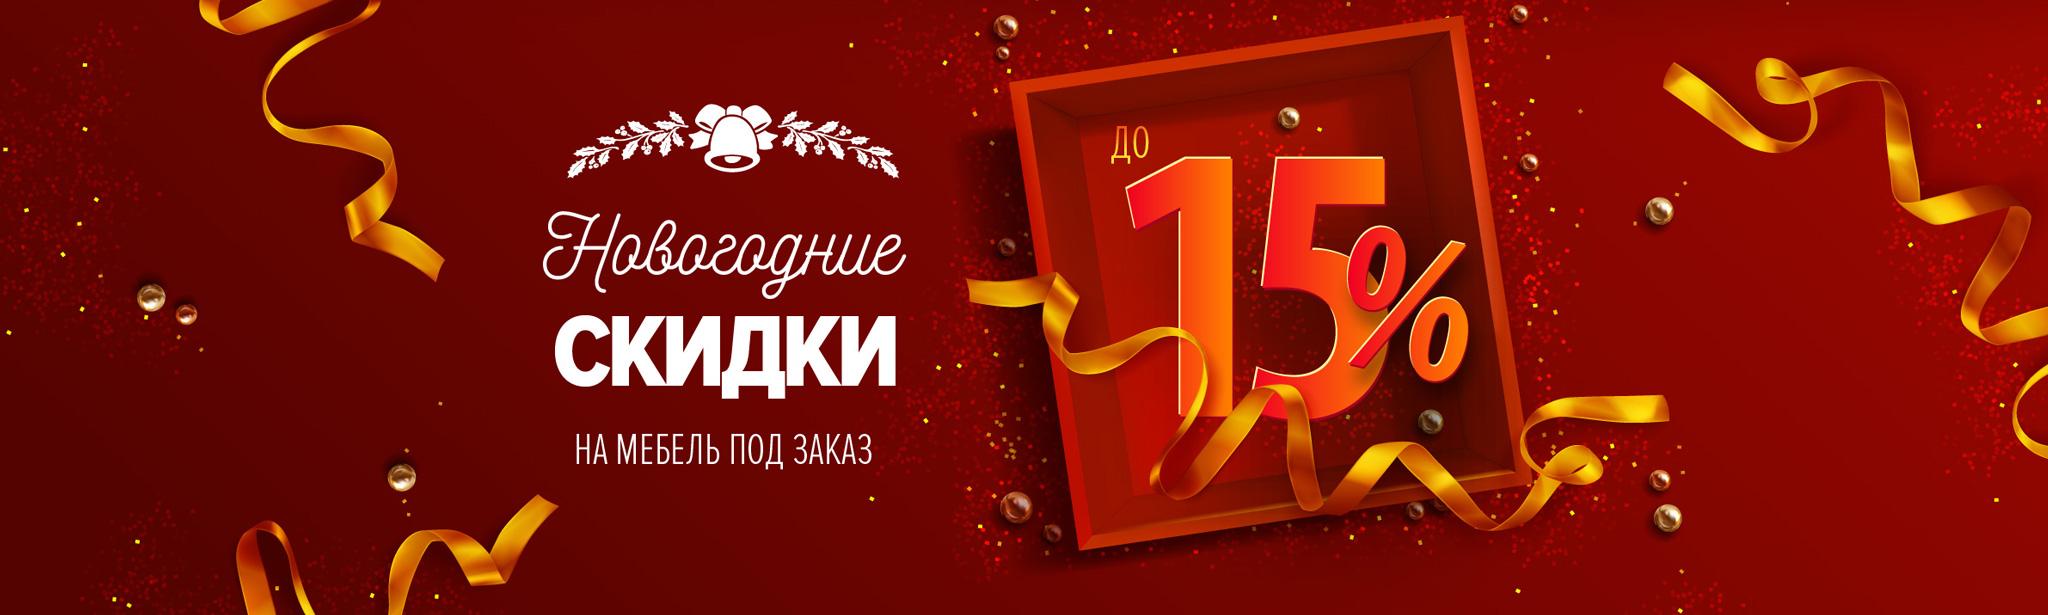 От Святого Николая до Рождества ROSHE дарит СКИДКИ до 15% на ВСЁ!